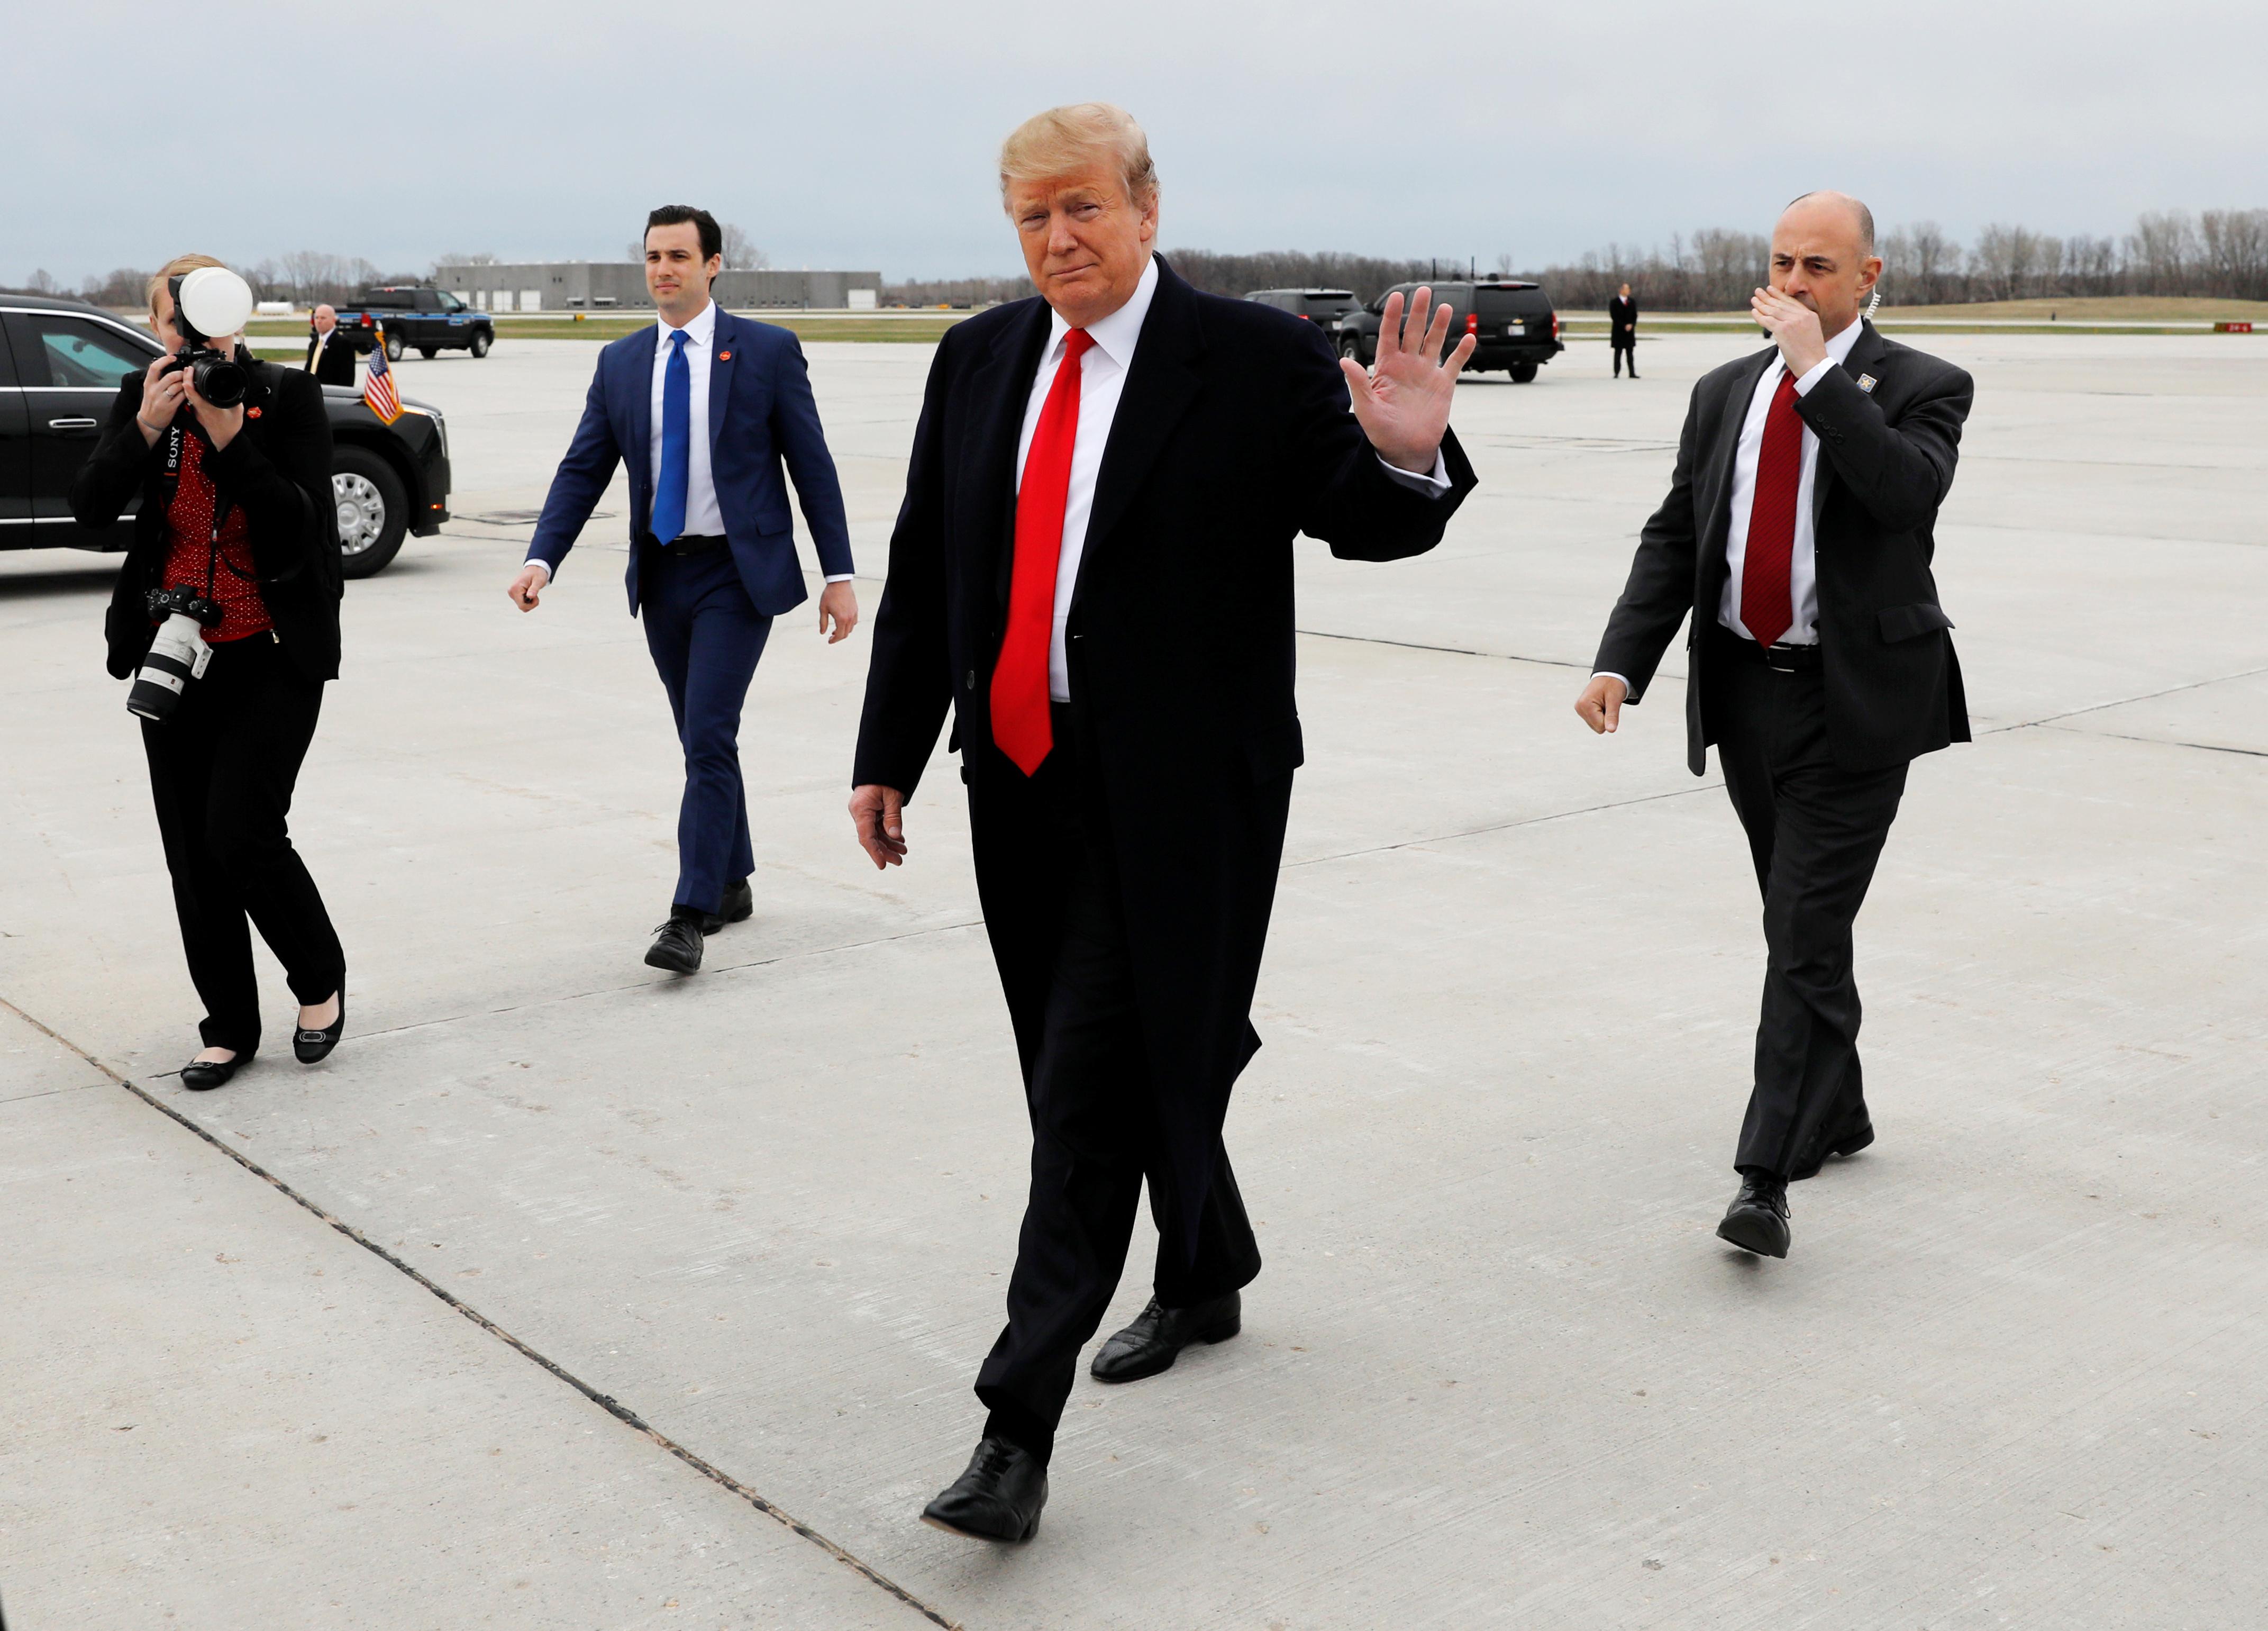 الرئيس الأمريكي دونالد ترامب يحيي الناس عند وصوله إلى مطار أوستن 5